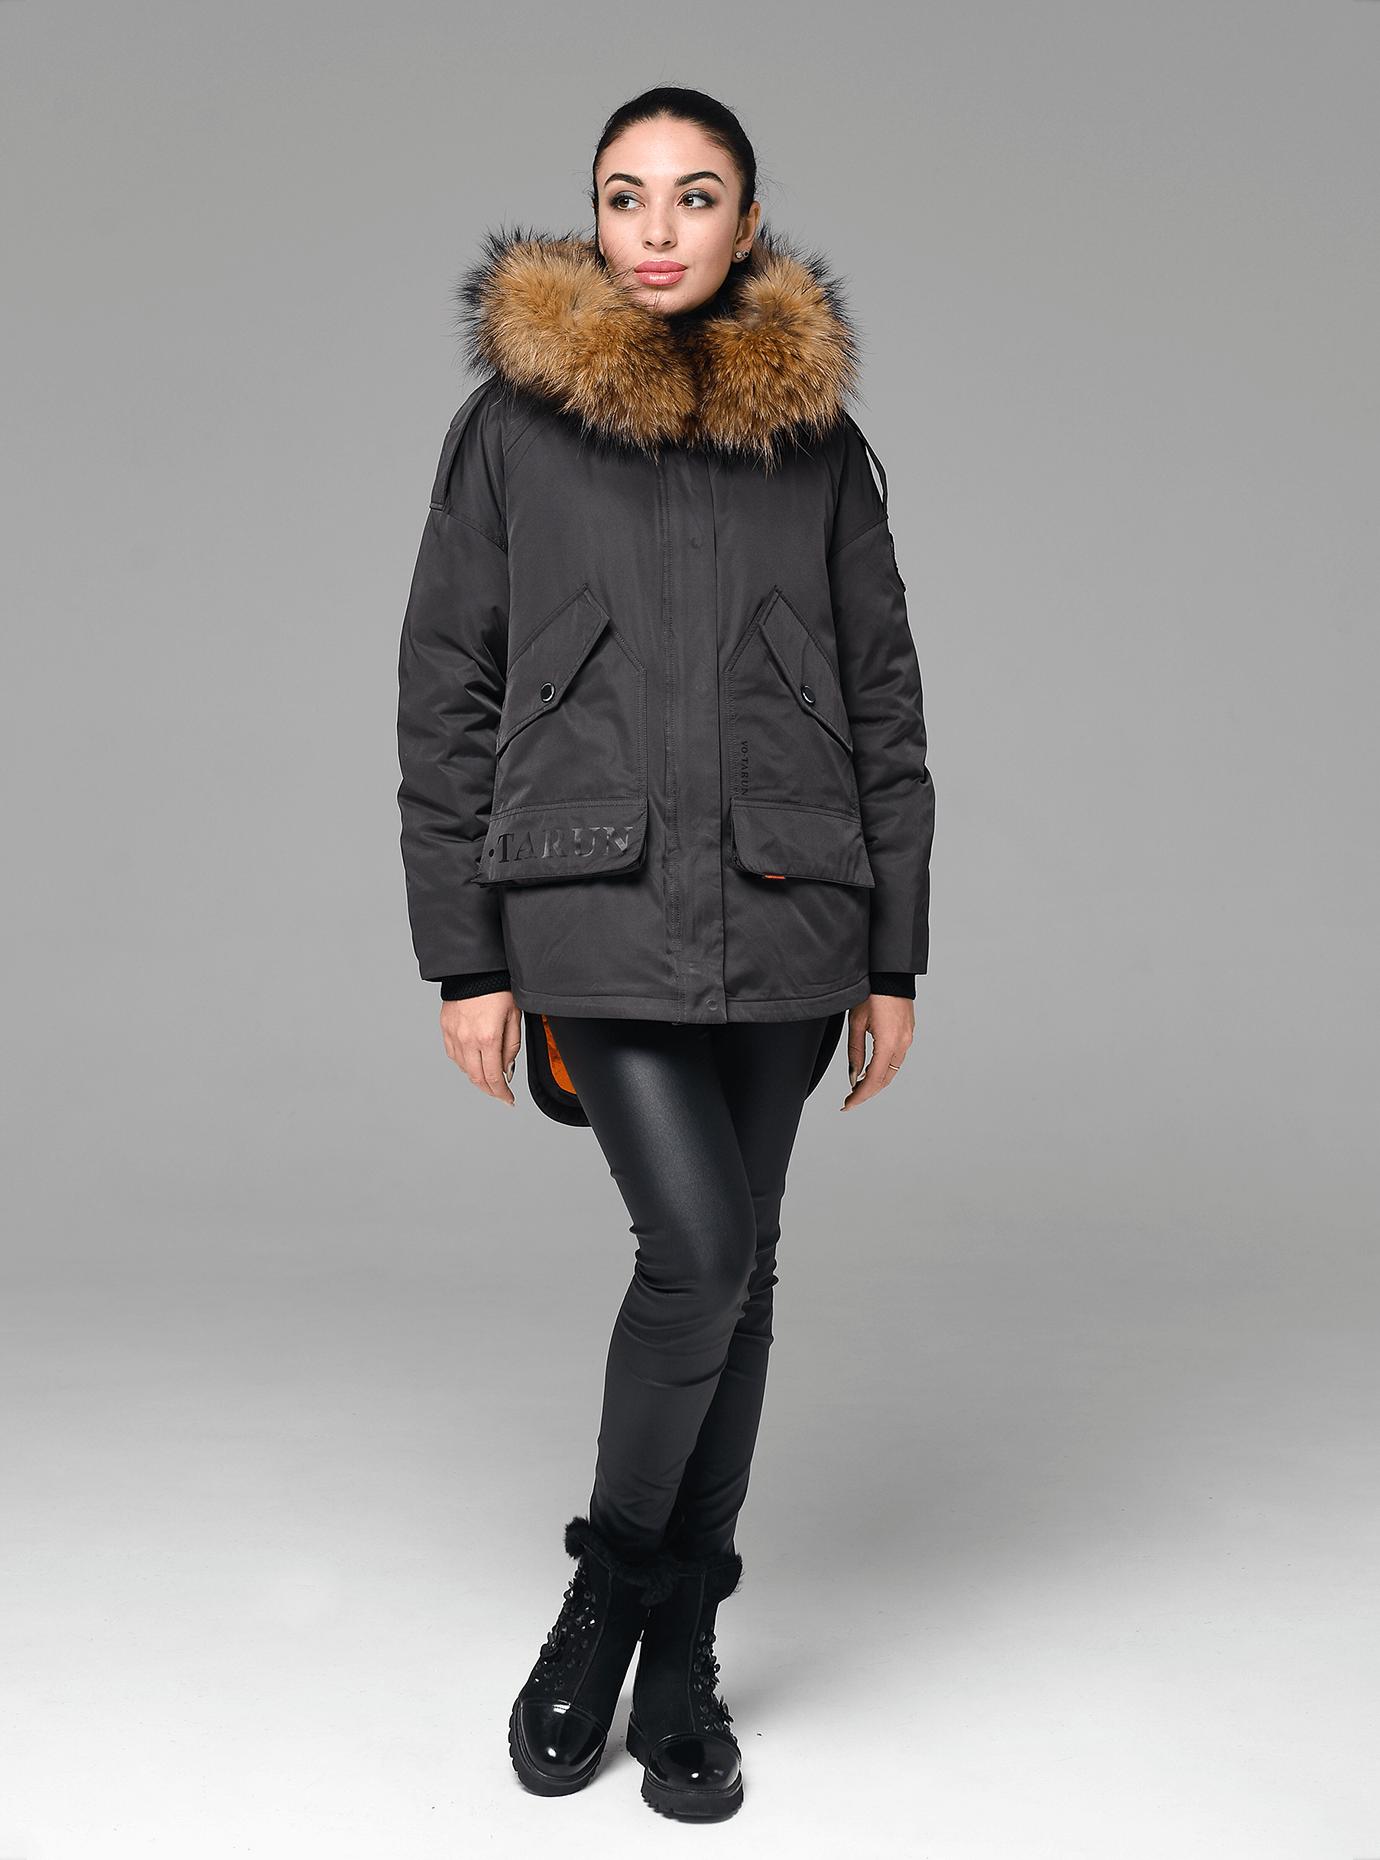 Зимова куртка-парка з хутром єнота Чорний L (05-V191229): фото - Alster.ua